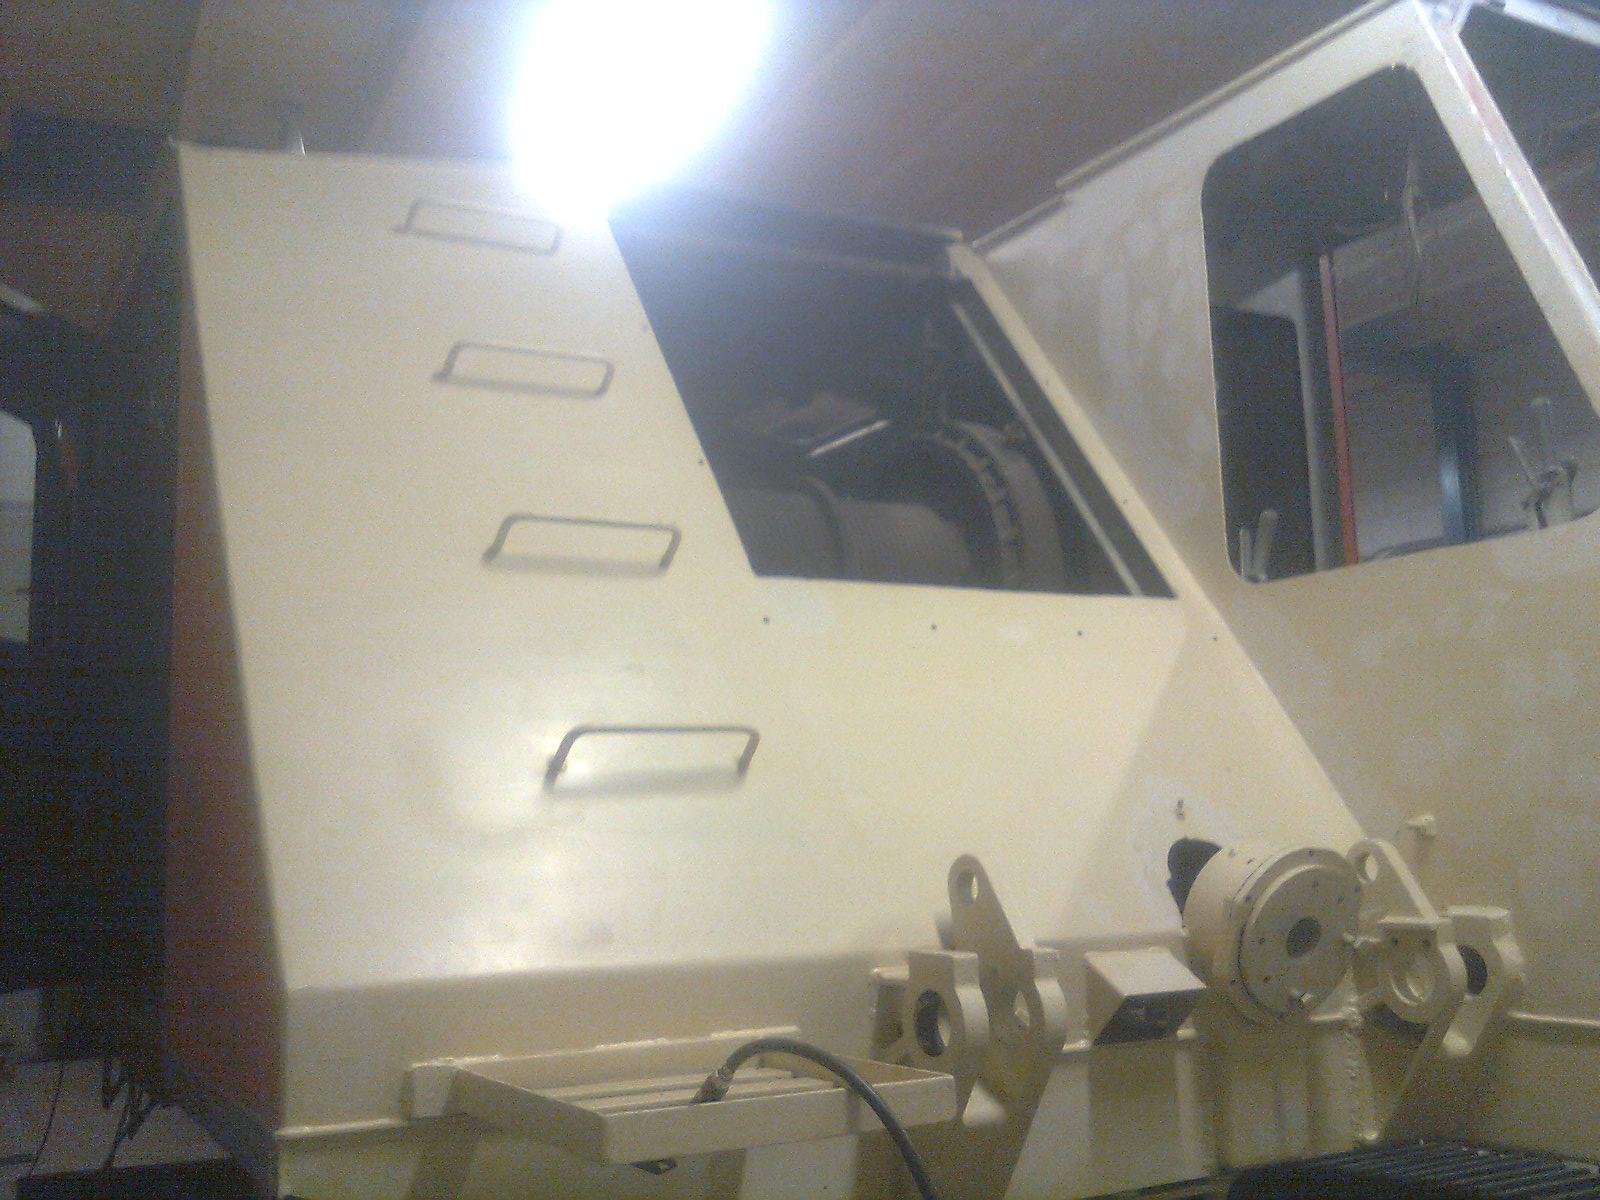 Afb0043